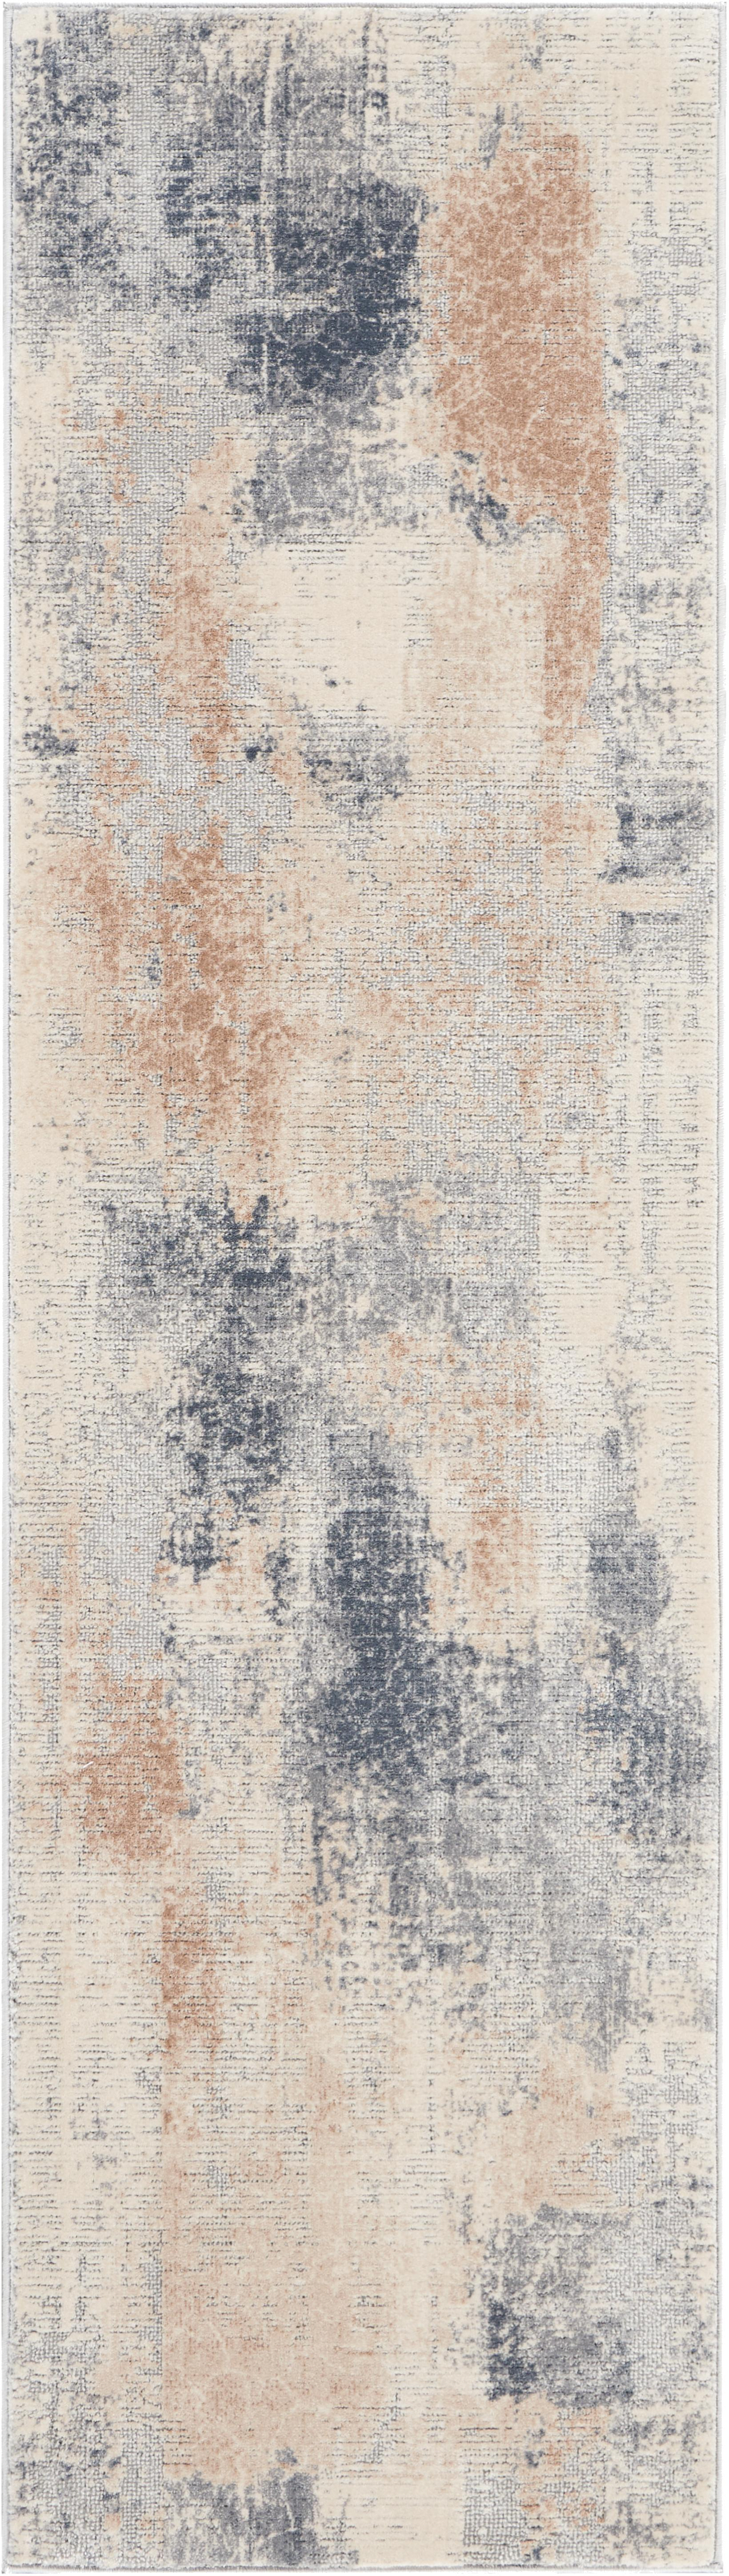 Passatoia a pelo corto Rustic Textures II, Retro: 50%iuta, 50%lattice, Tonalità beige, grigio, Larg. 65 x Lung. 230 cm